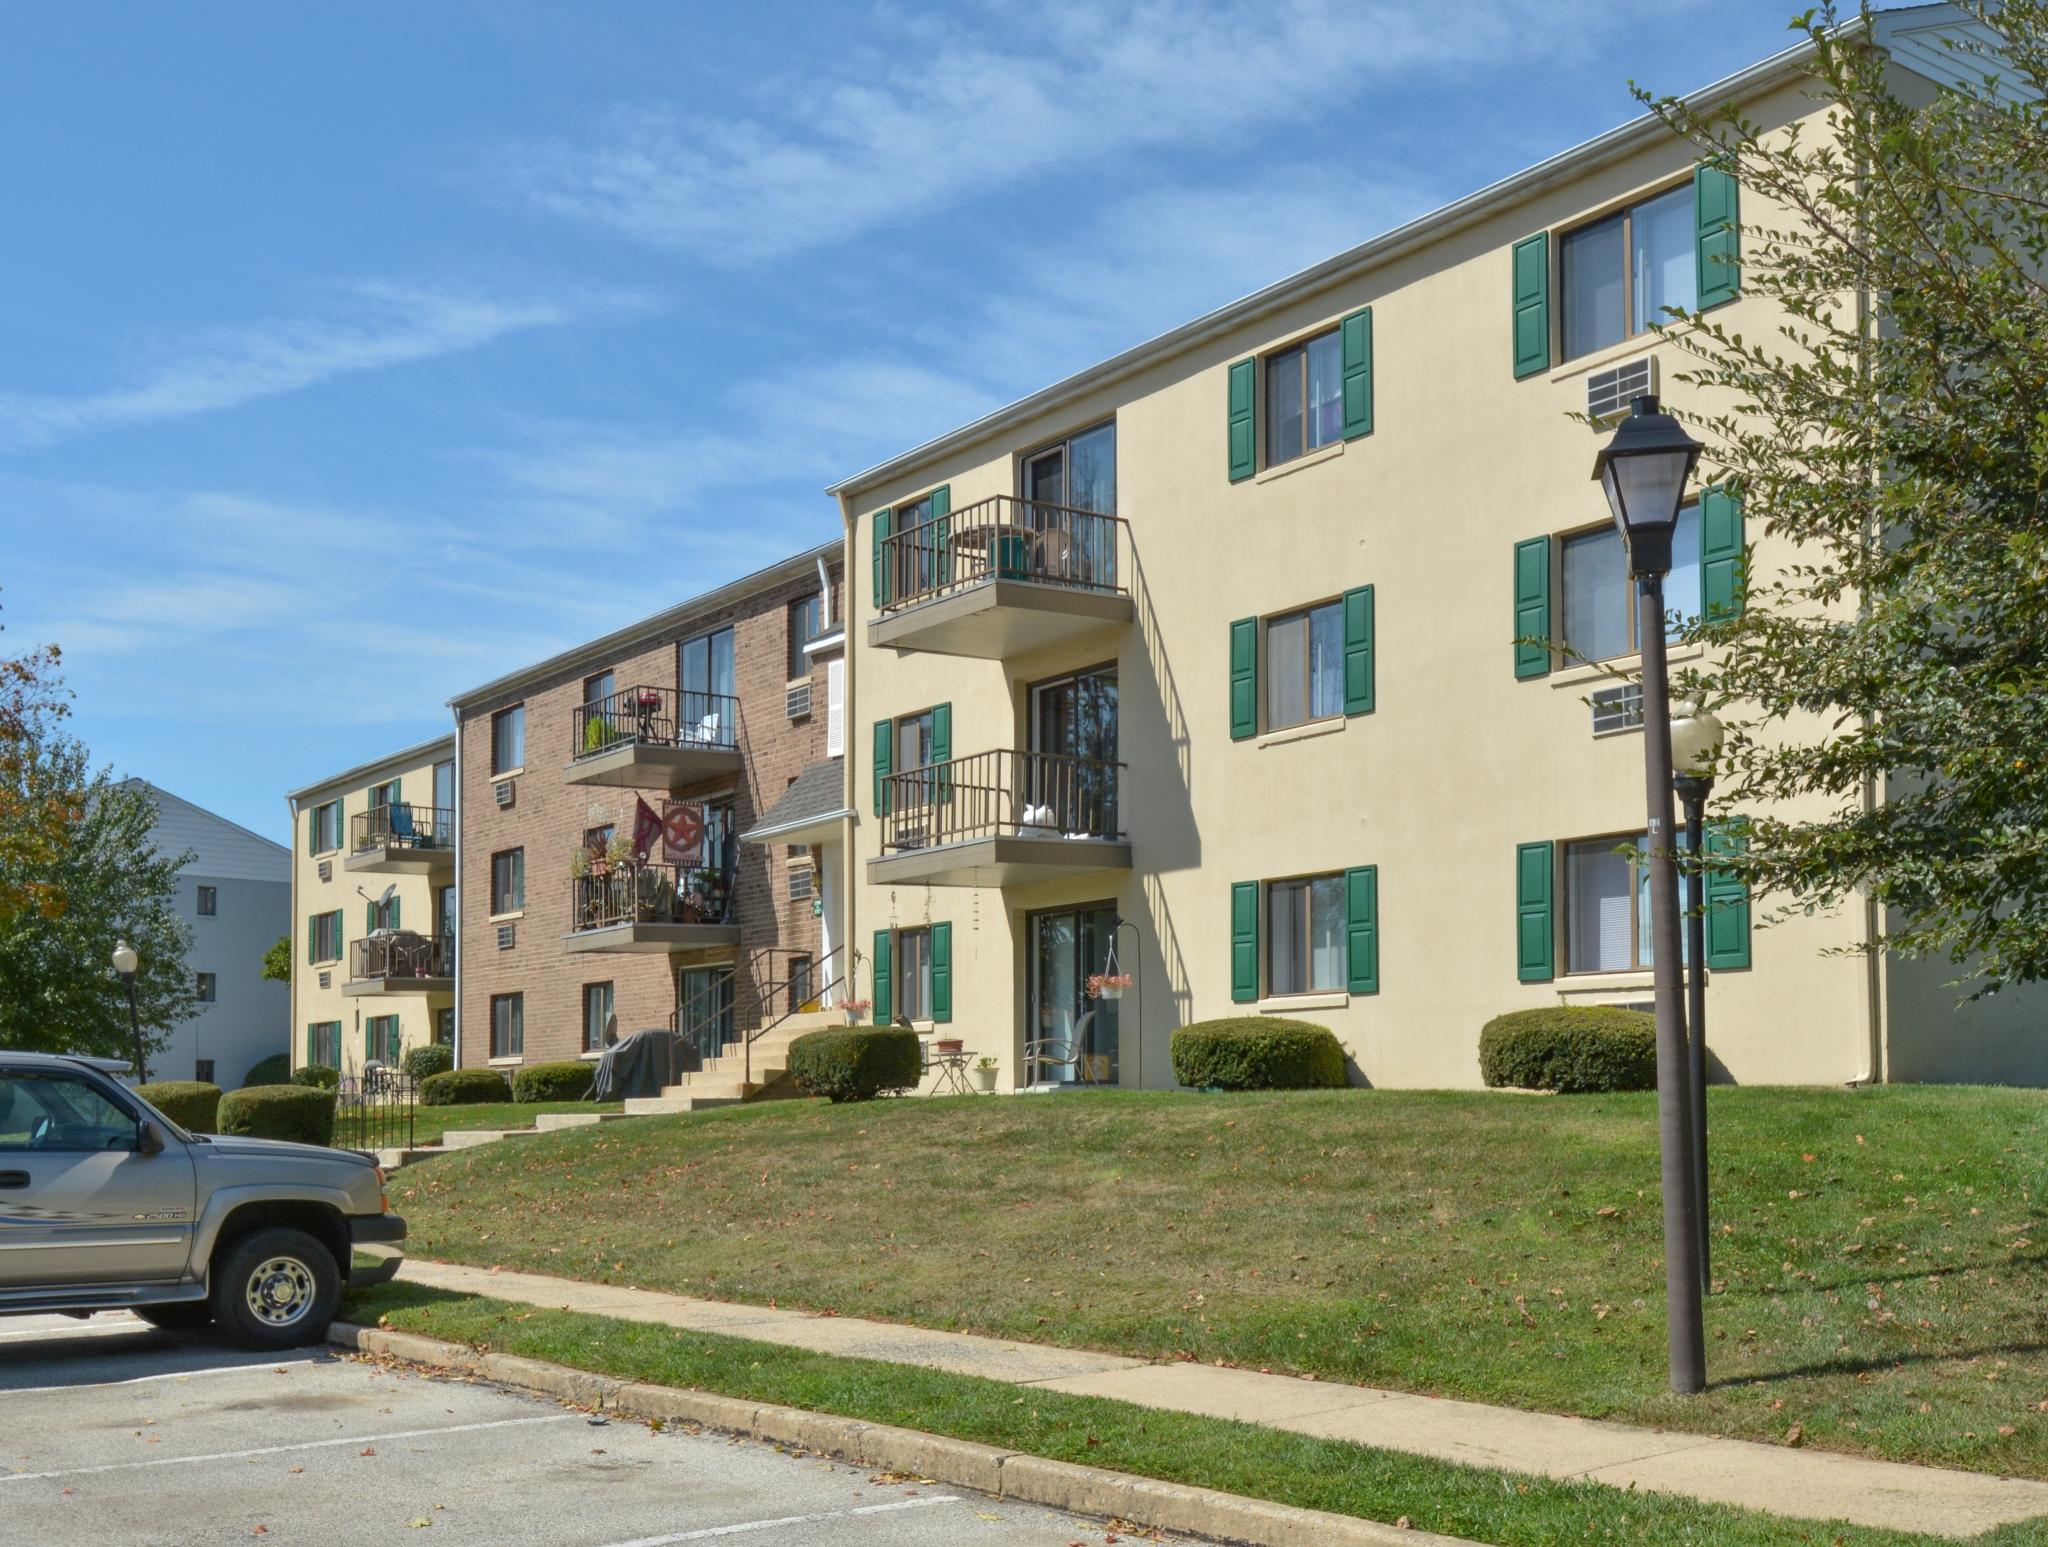 Norwood House Apartments image 8